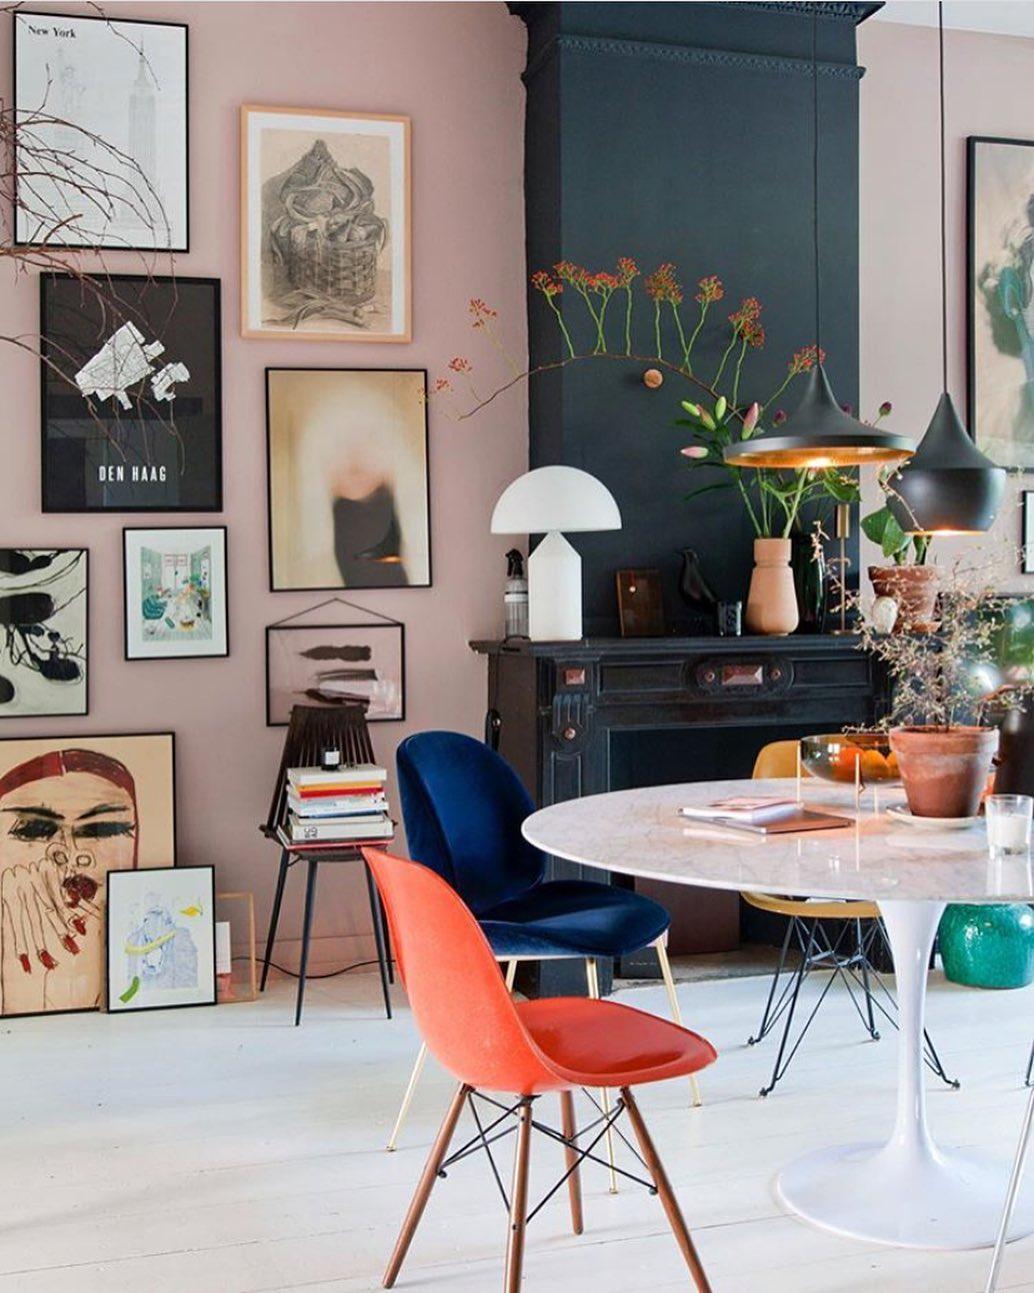 intérieur vintage décoration salle à manger table tulip marbre blanche ronde - blog déco - clemaroundthecorner